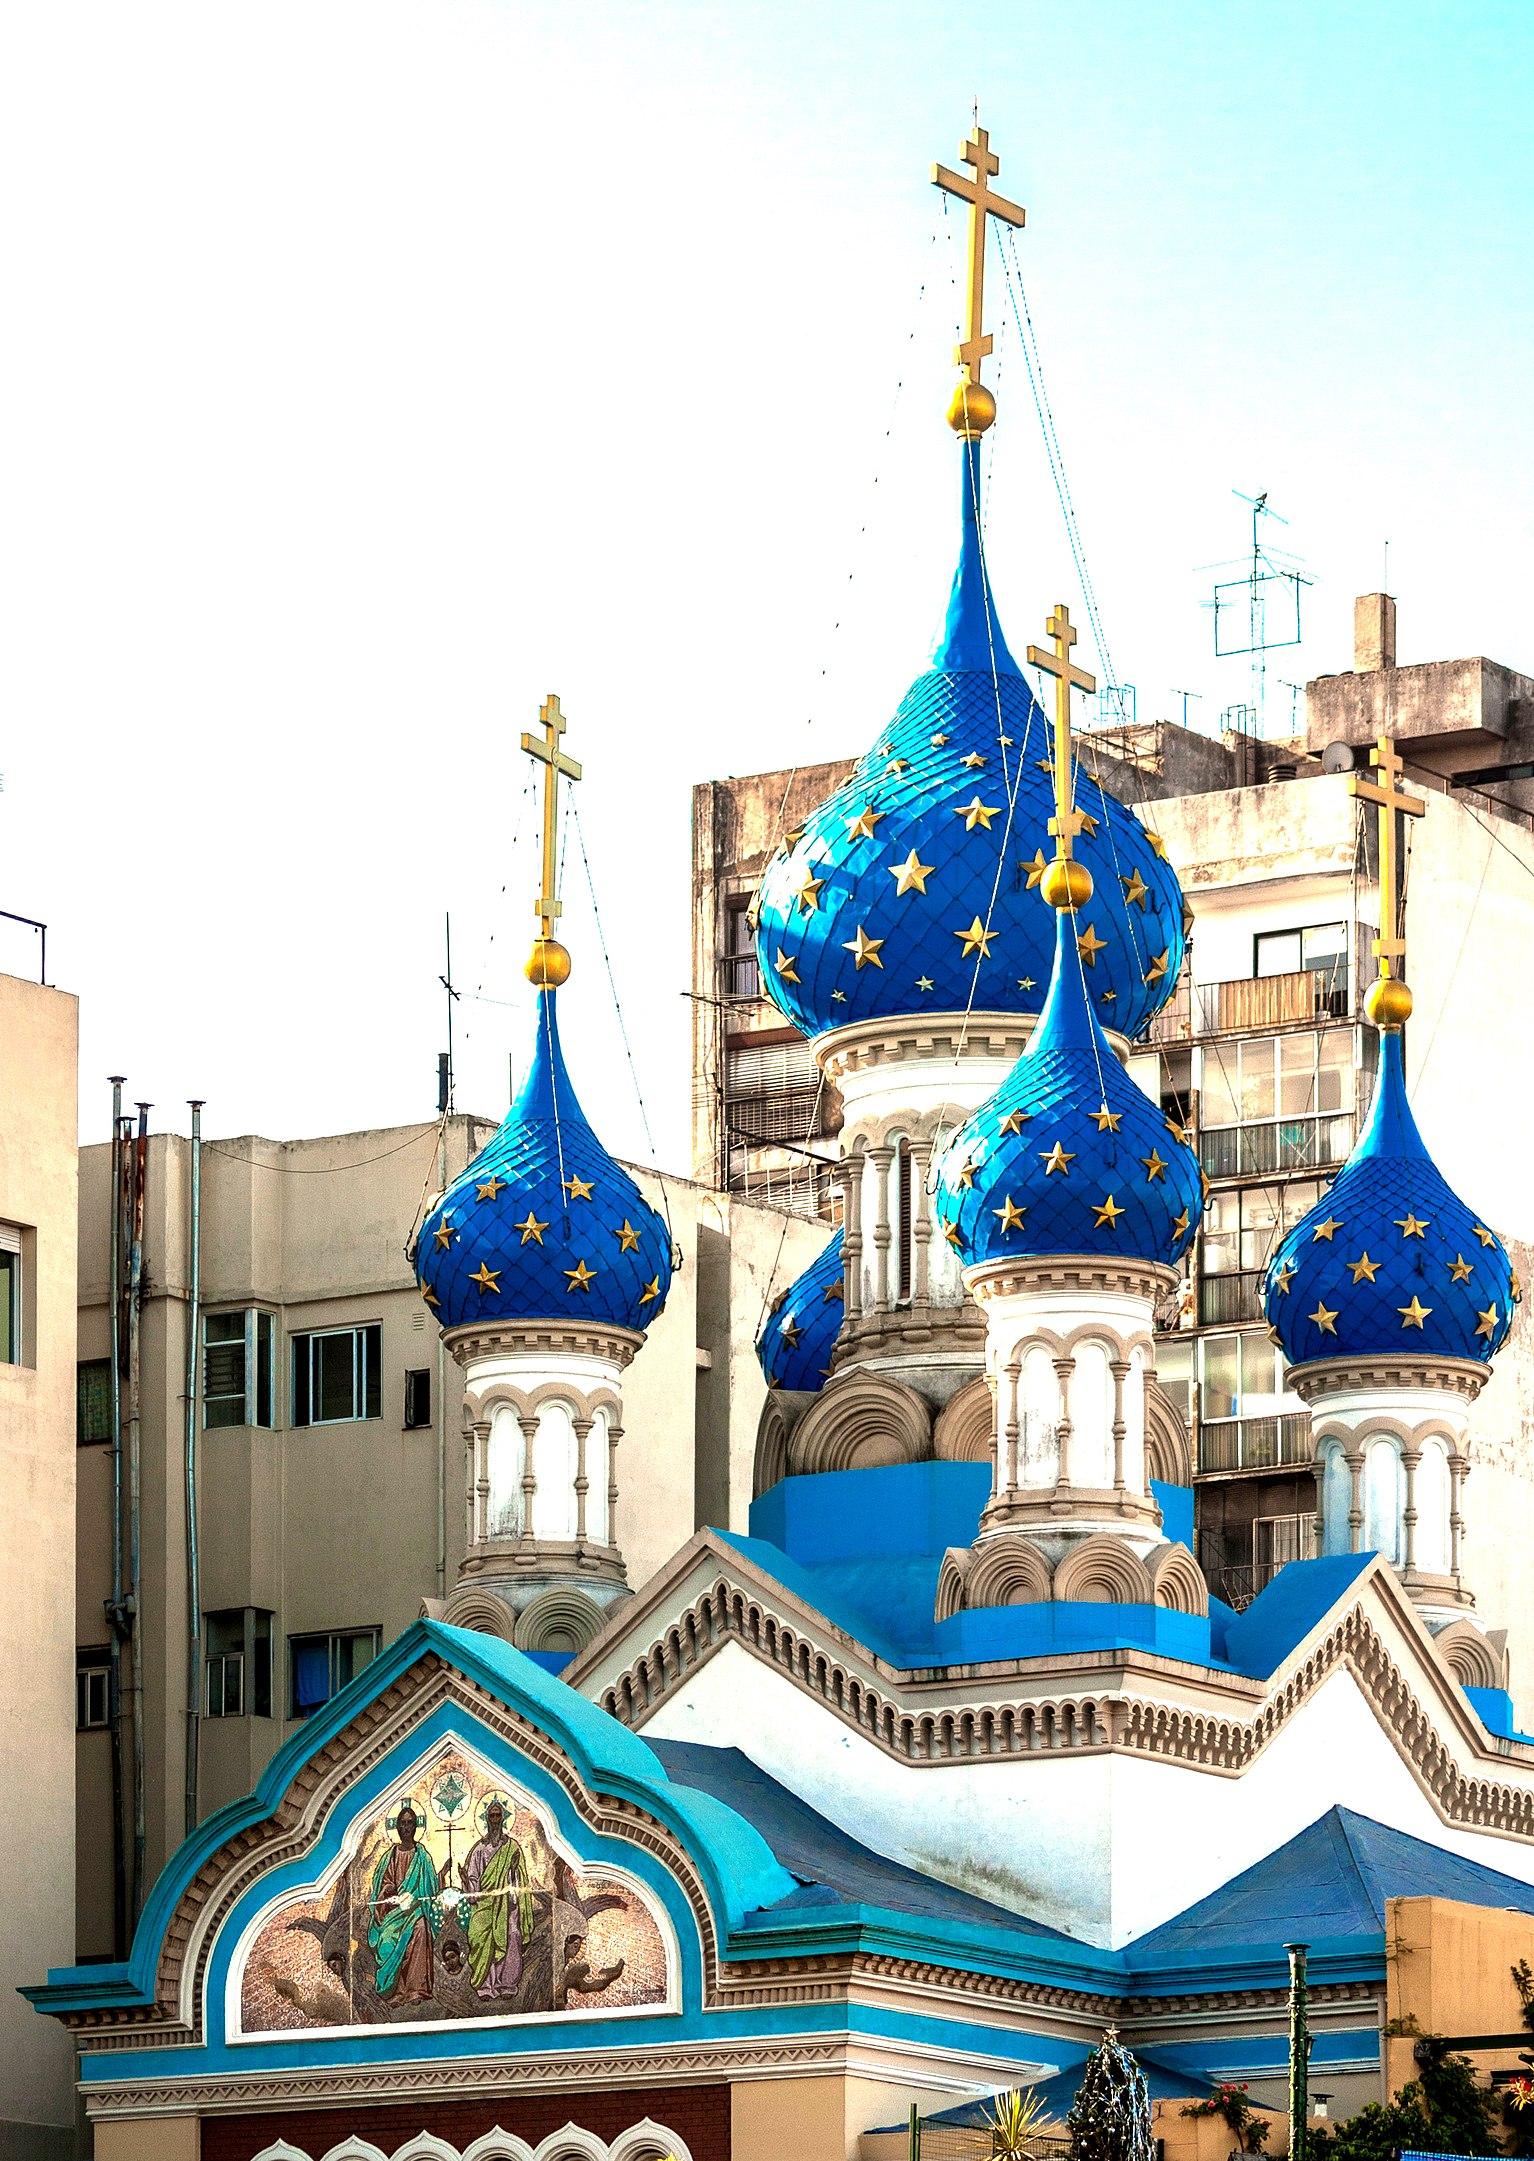 Свято-Троицкая церковь в Буэнос-Айресе